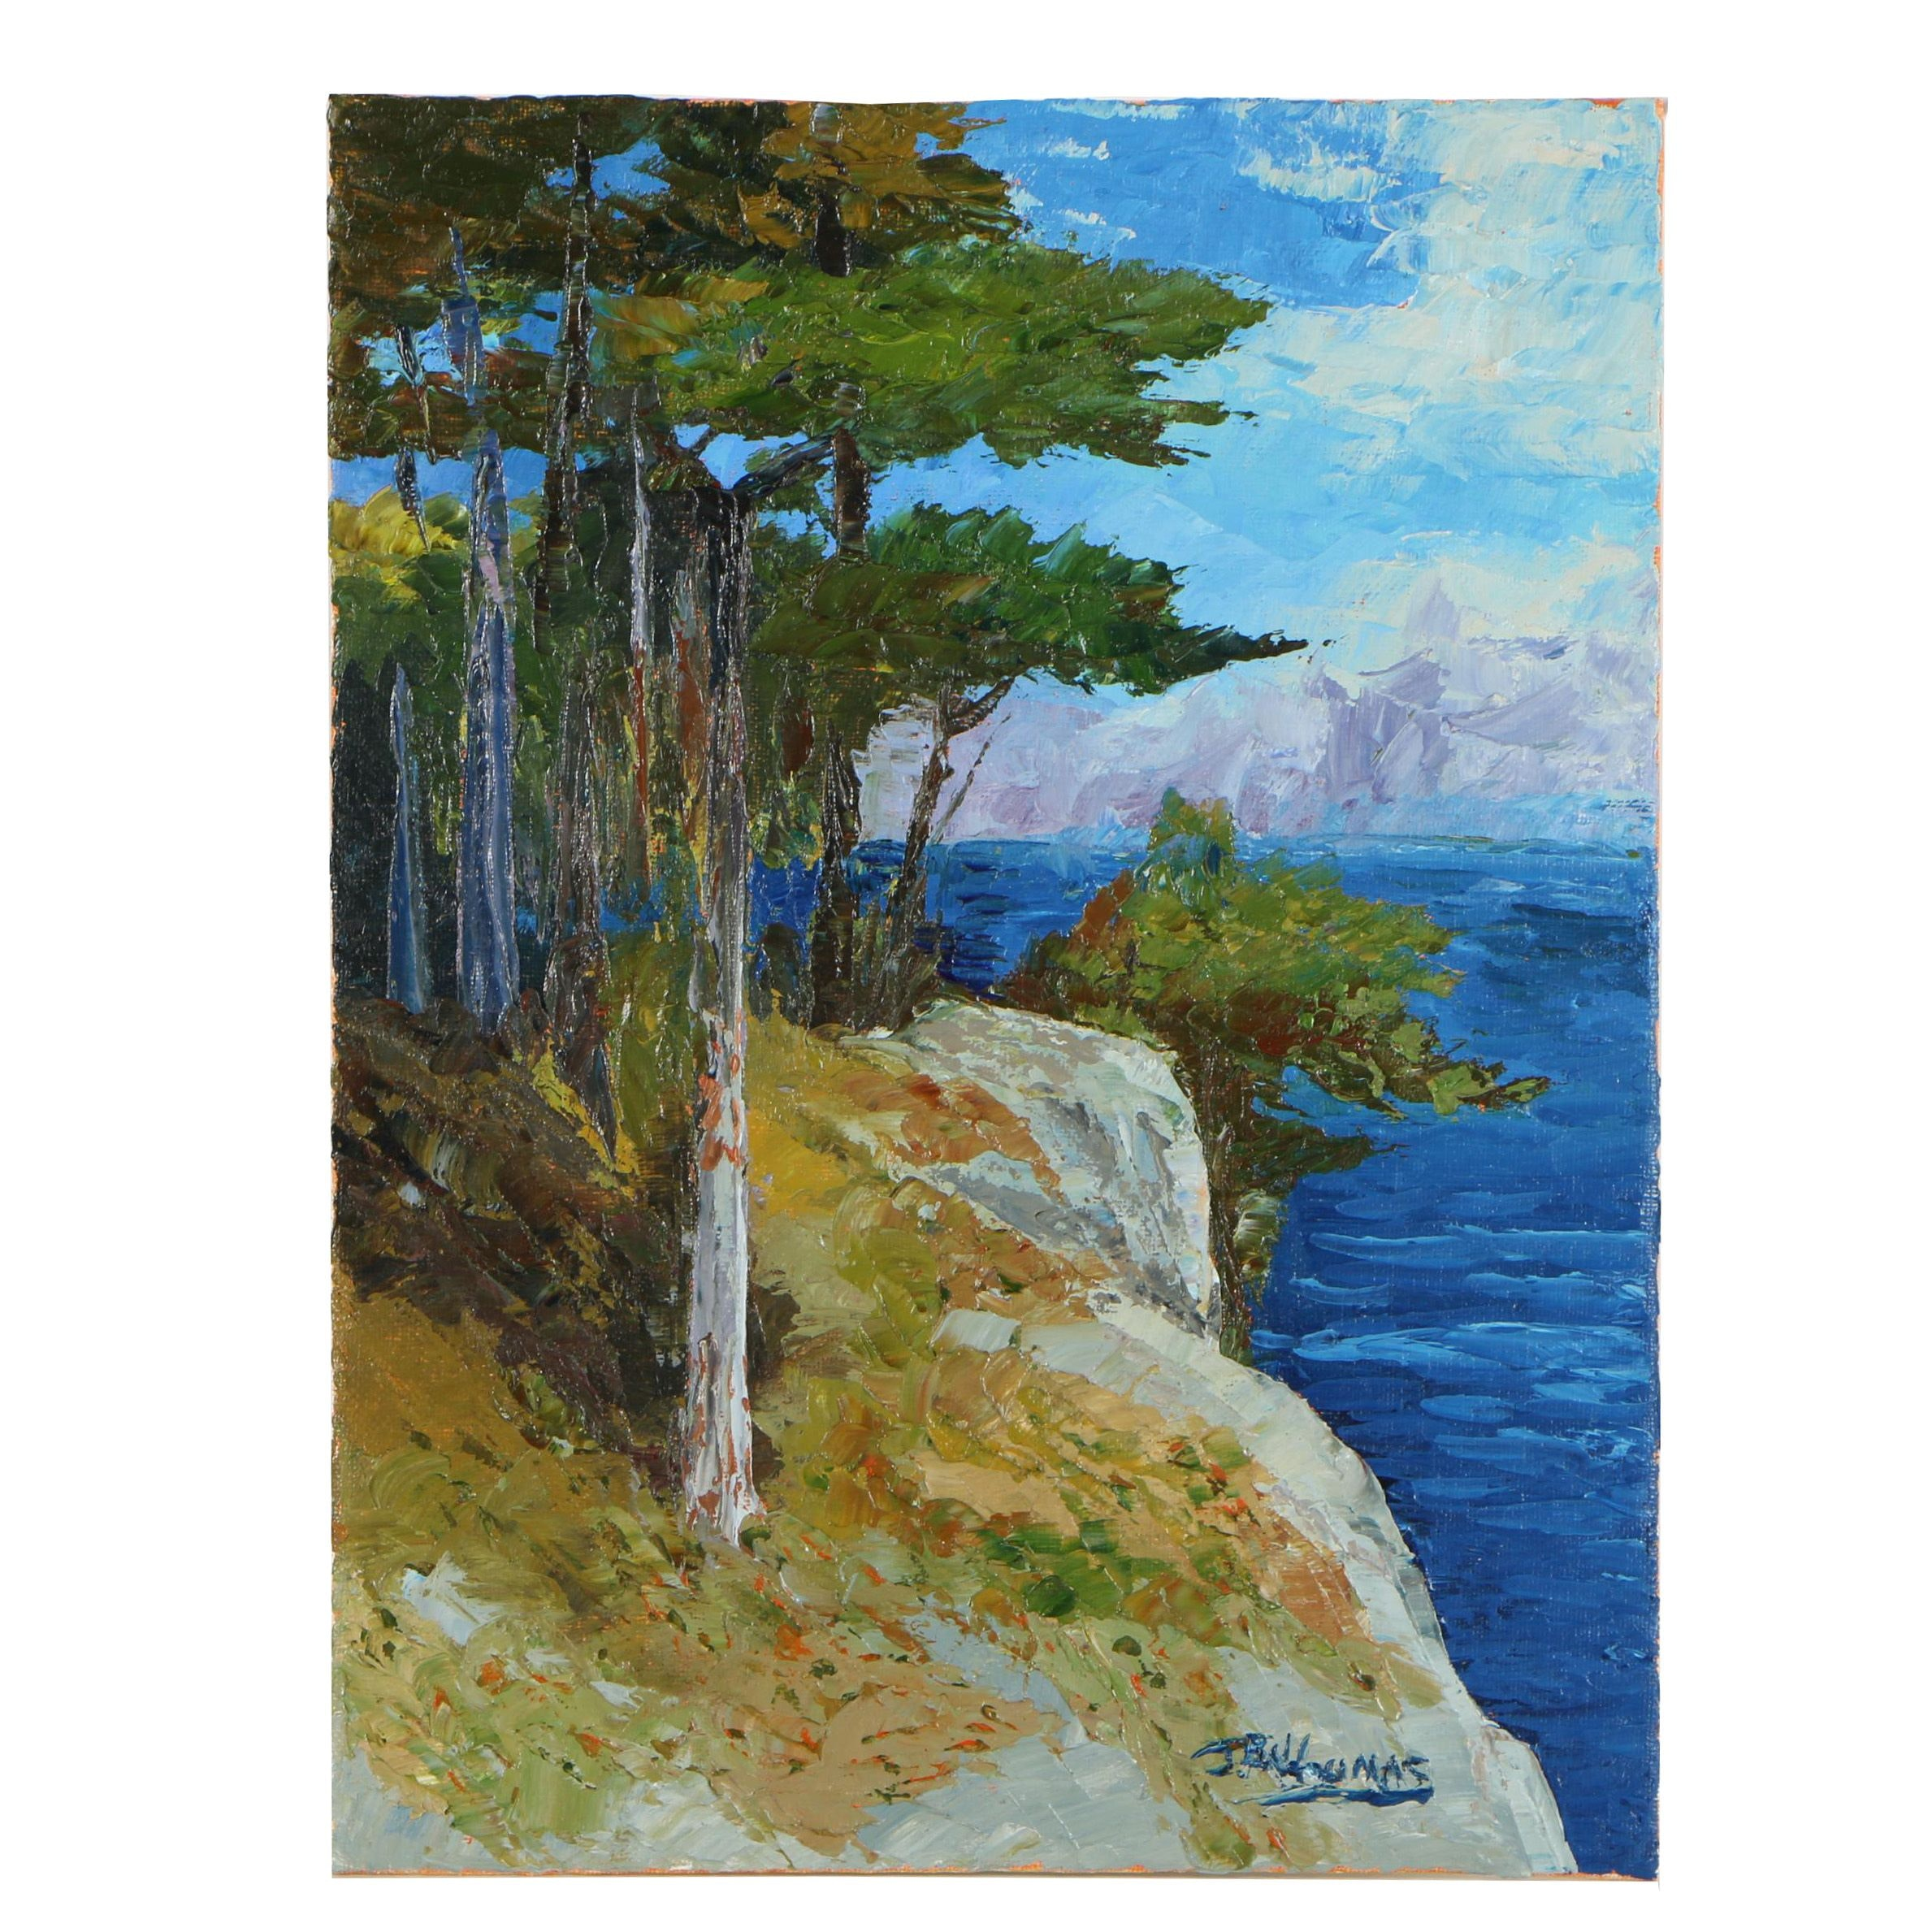 """James Baldoumas Oil Painting """"Sea Pines"""""""